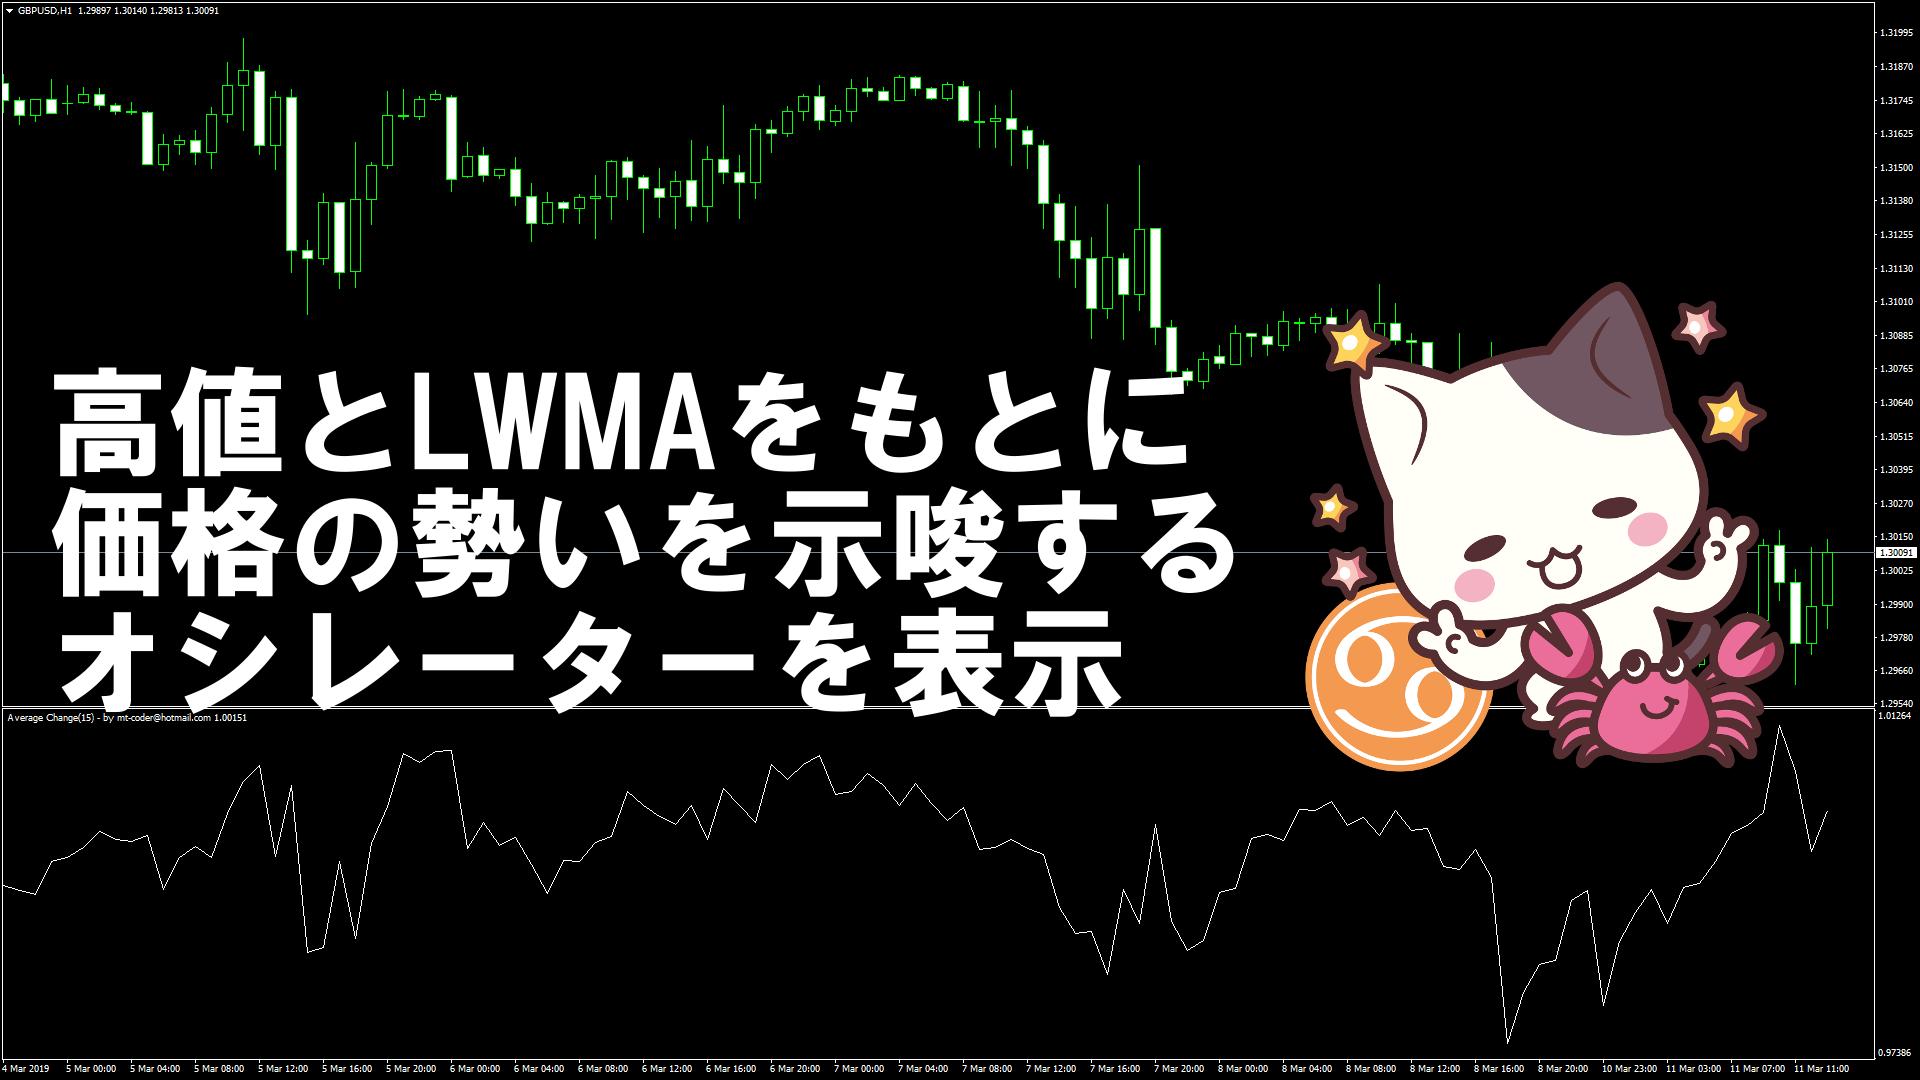 高値とLWMAをもとに価格の勢いを示唆するオシレーターを表示するMT4インジケーター『Average_Change』